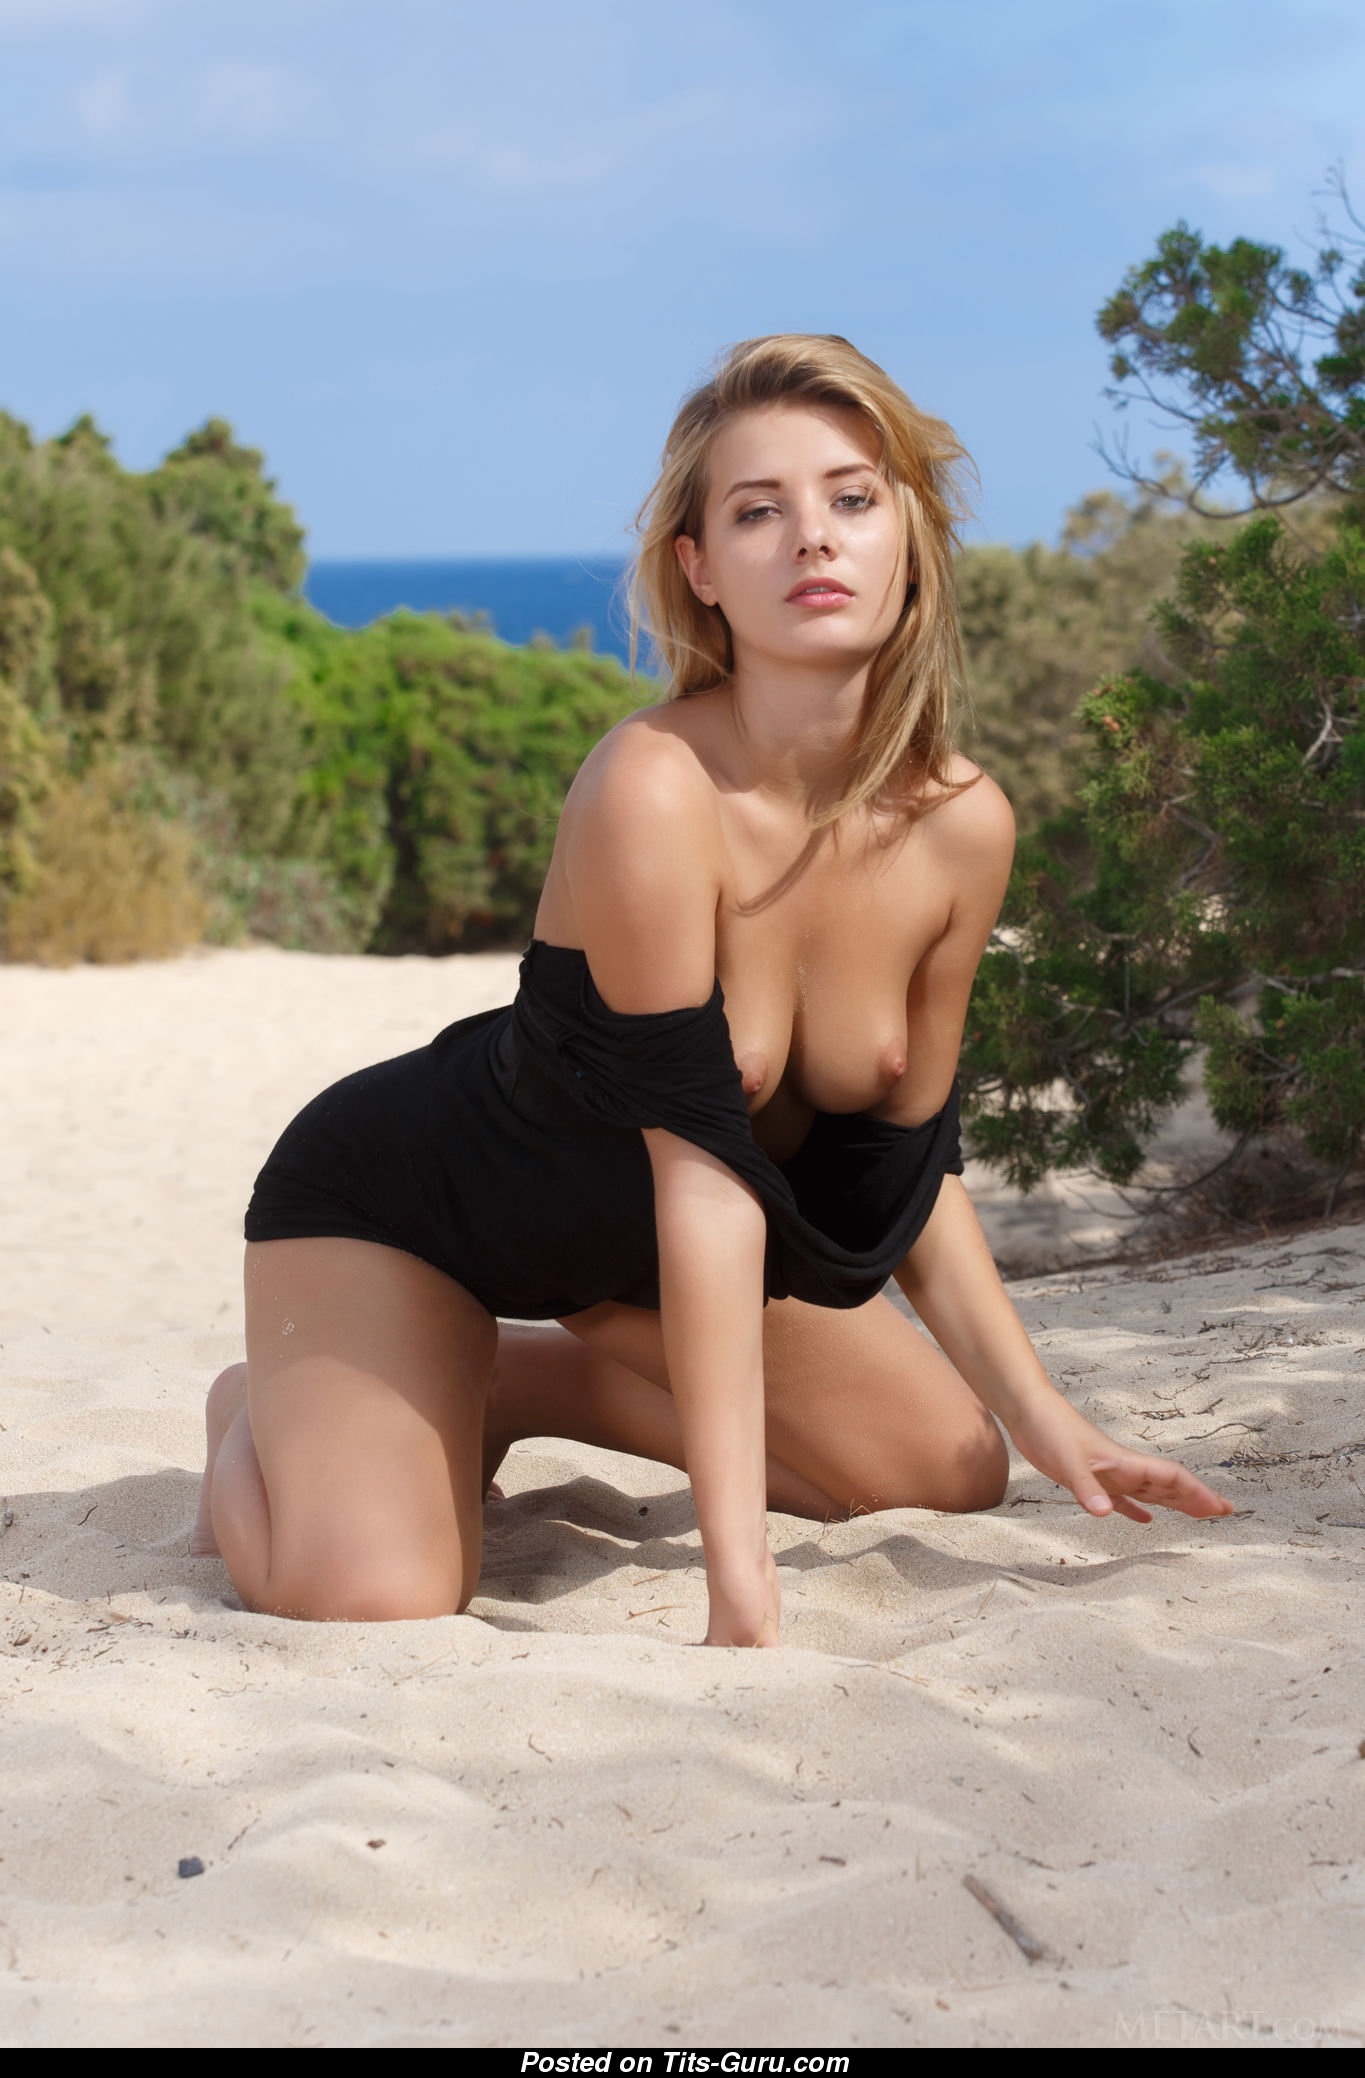 Порнозвезда анна ли, подборка порно частных фото